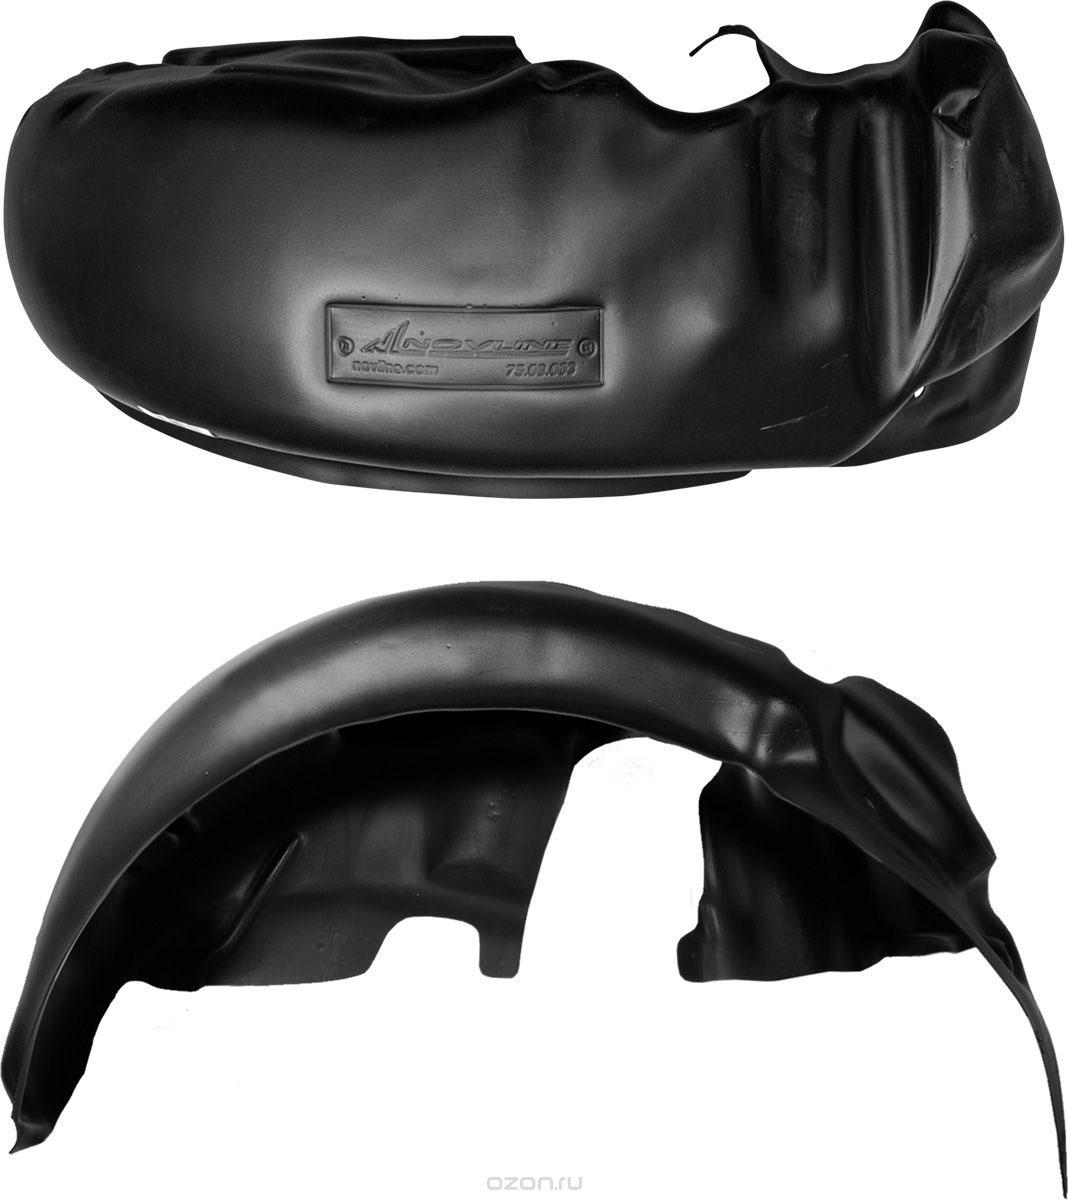 Подкрылок Novline-Autofamily, для HYUNDAI Solaris, 2014->, сед., задний правыйSATURN CANCARDИдеальная защита колесной ниши. Локеры разработаны с применением цифровых технологий, гарантируют максимальную повторяемость поверхности арки. Изделия устанавливаются без нарушения лакокрасочного покрытия автомобиля, каждый подкрылок комплектуется крепежом. Уважаемые клиенты, обращаем ваше внимание, что фотографии на подкрылки универсальные и не отражают реальную форму изделия. При этом само изделие идет точно под размер указанного автомобиля.